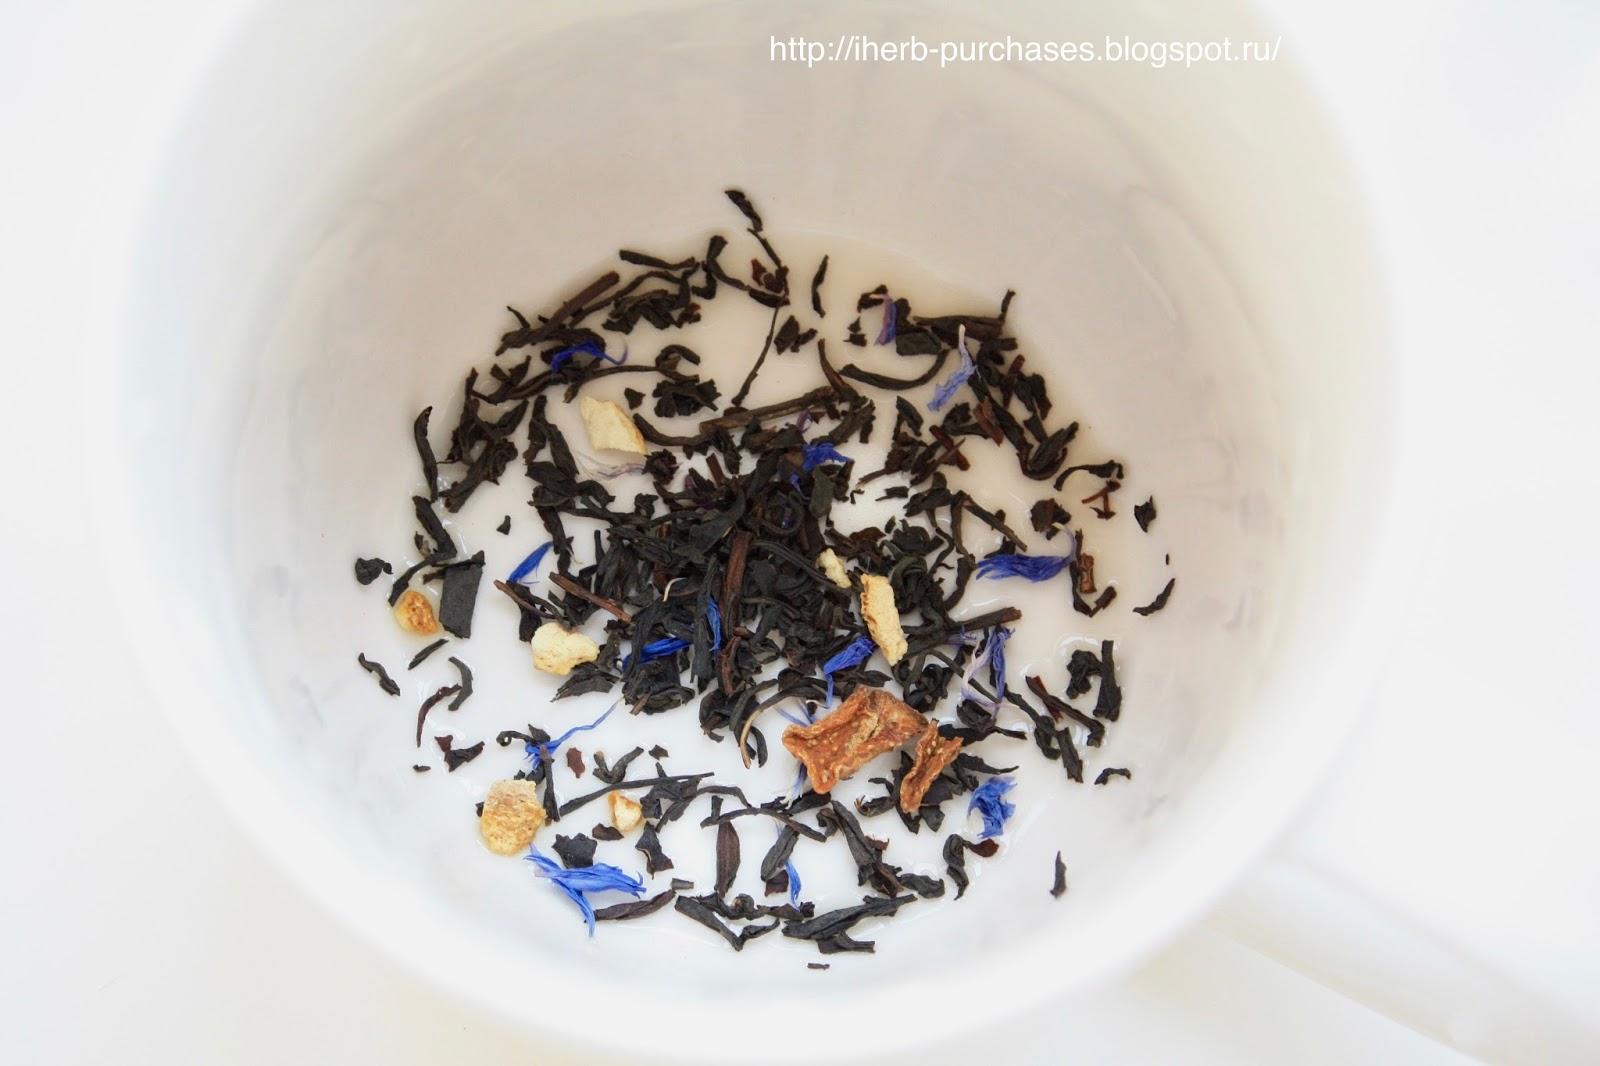 купить чай для похудения в интернет магазине